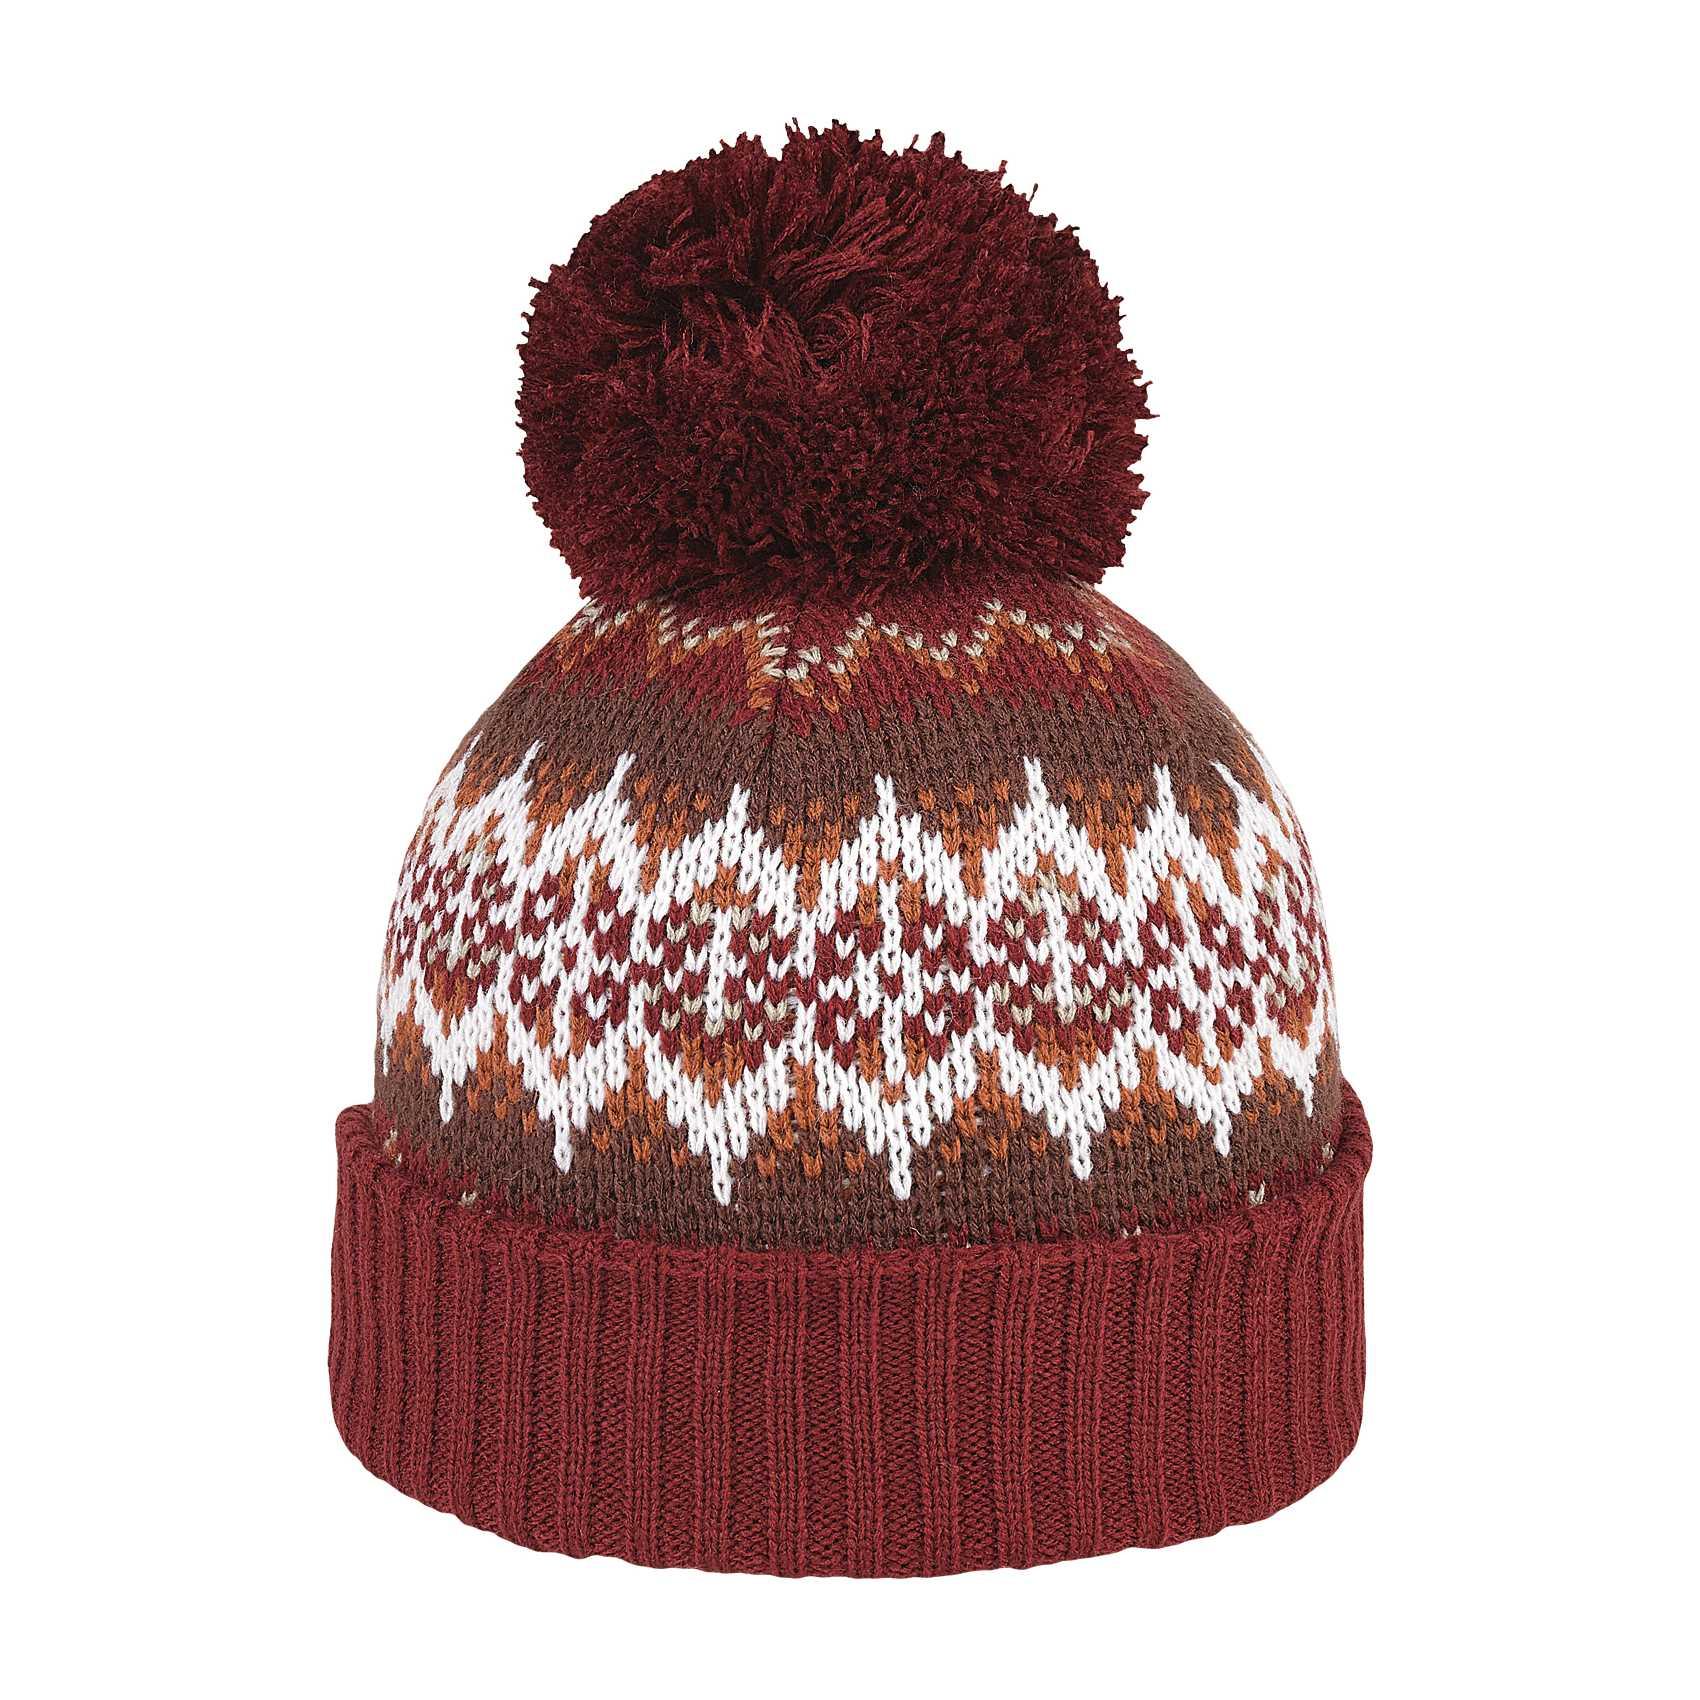 Burgundy Yorkshire Bobble Hat - Pom Pom Beanie c99d1aef84b